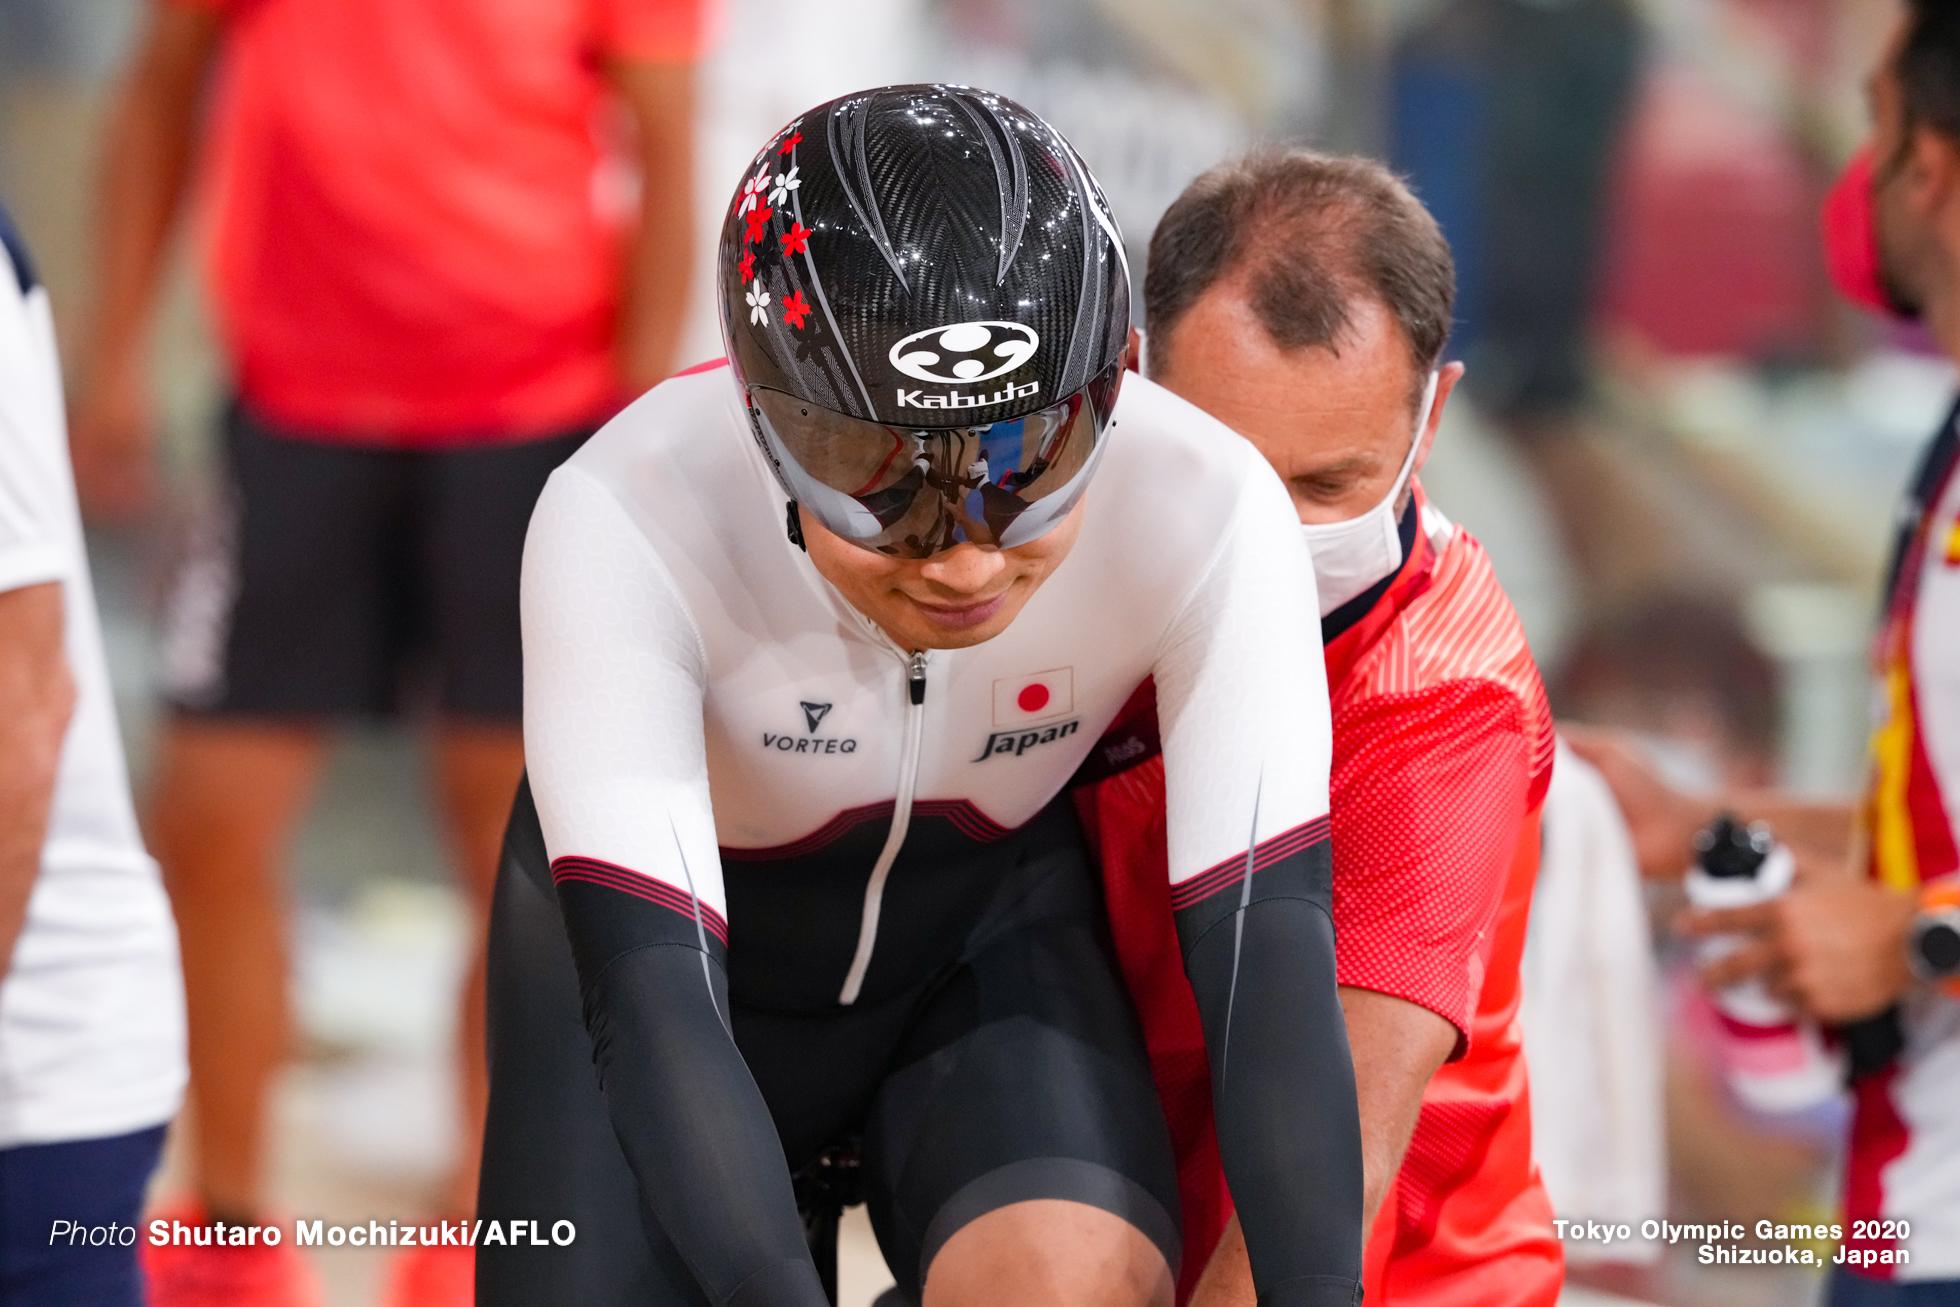 橋本英也 Eiya Hashimoto (JPN), Men's Omnium Scratch Race 1/4 AUGUST 5, 2021 - Cycling : during the Tokyo 2020 Olympic Games at the Izu Velodrome in Shizuoka, Japan. (Photo by Shutaro Mochizuki/AFLO)